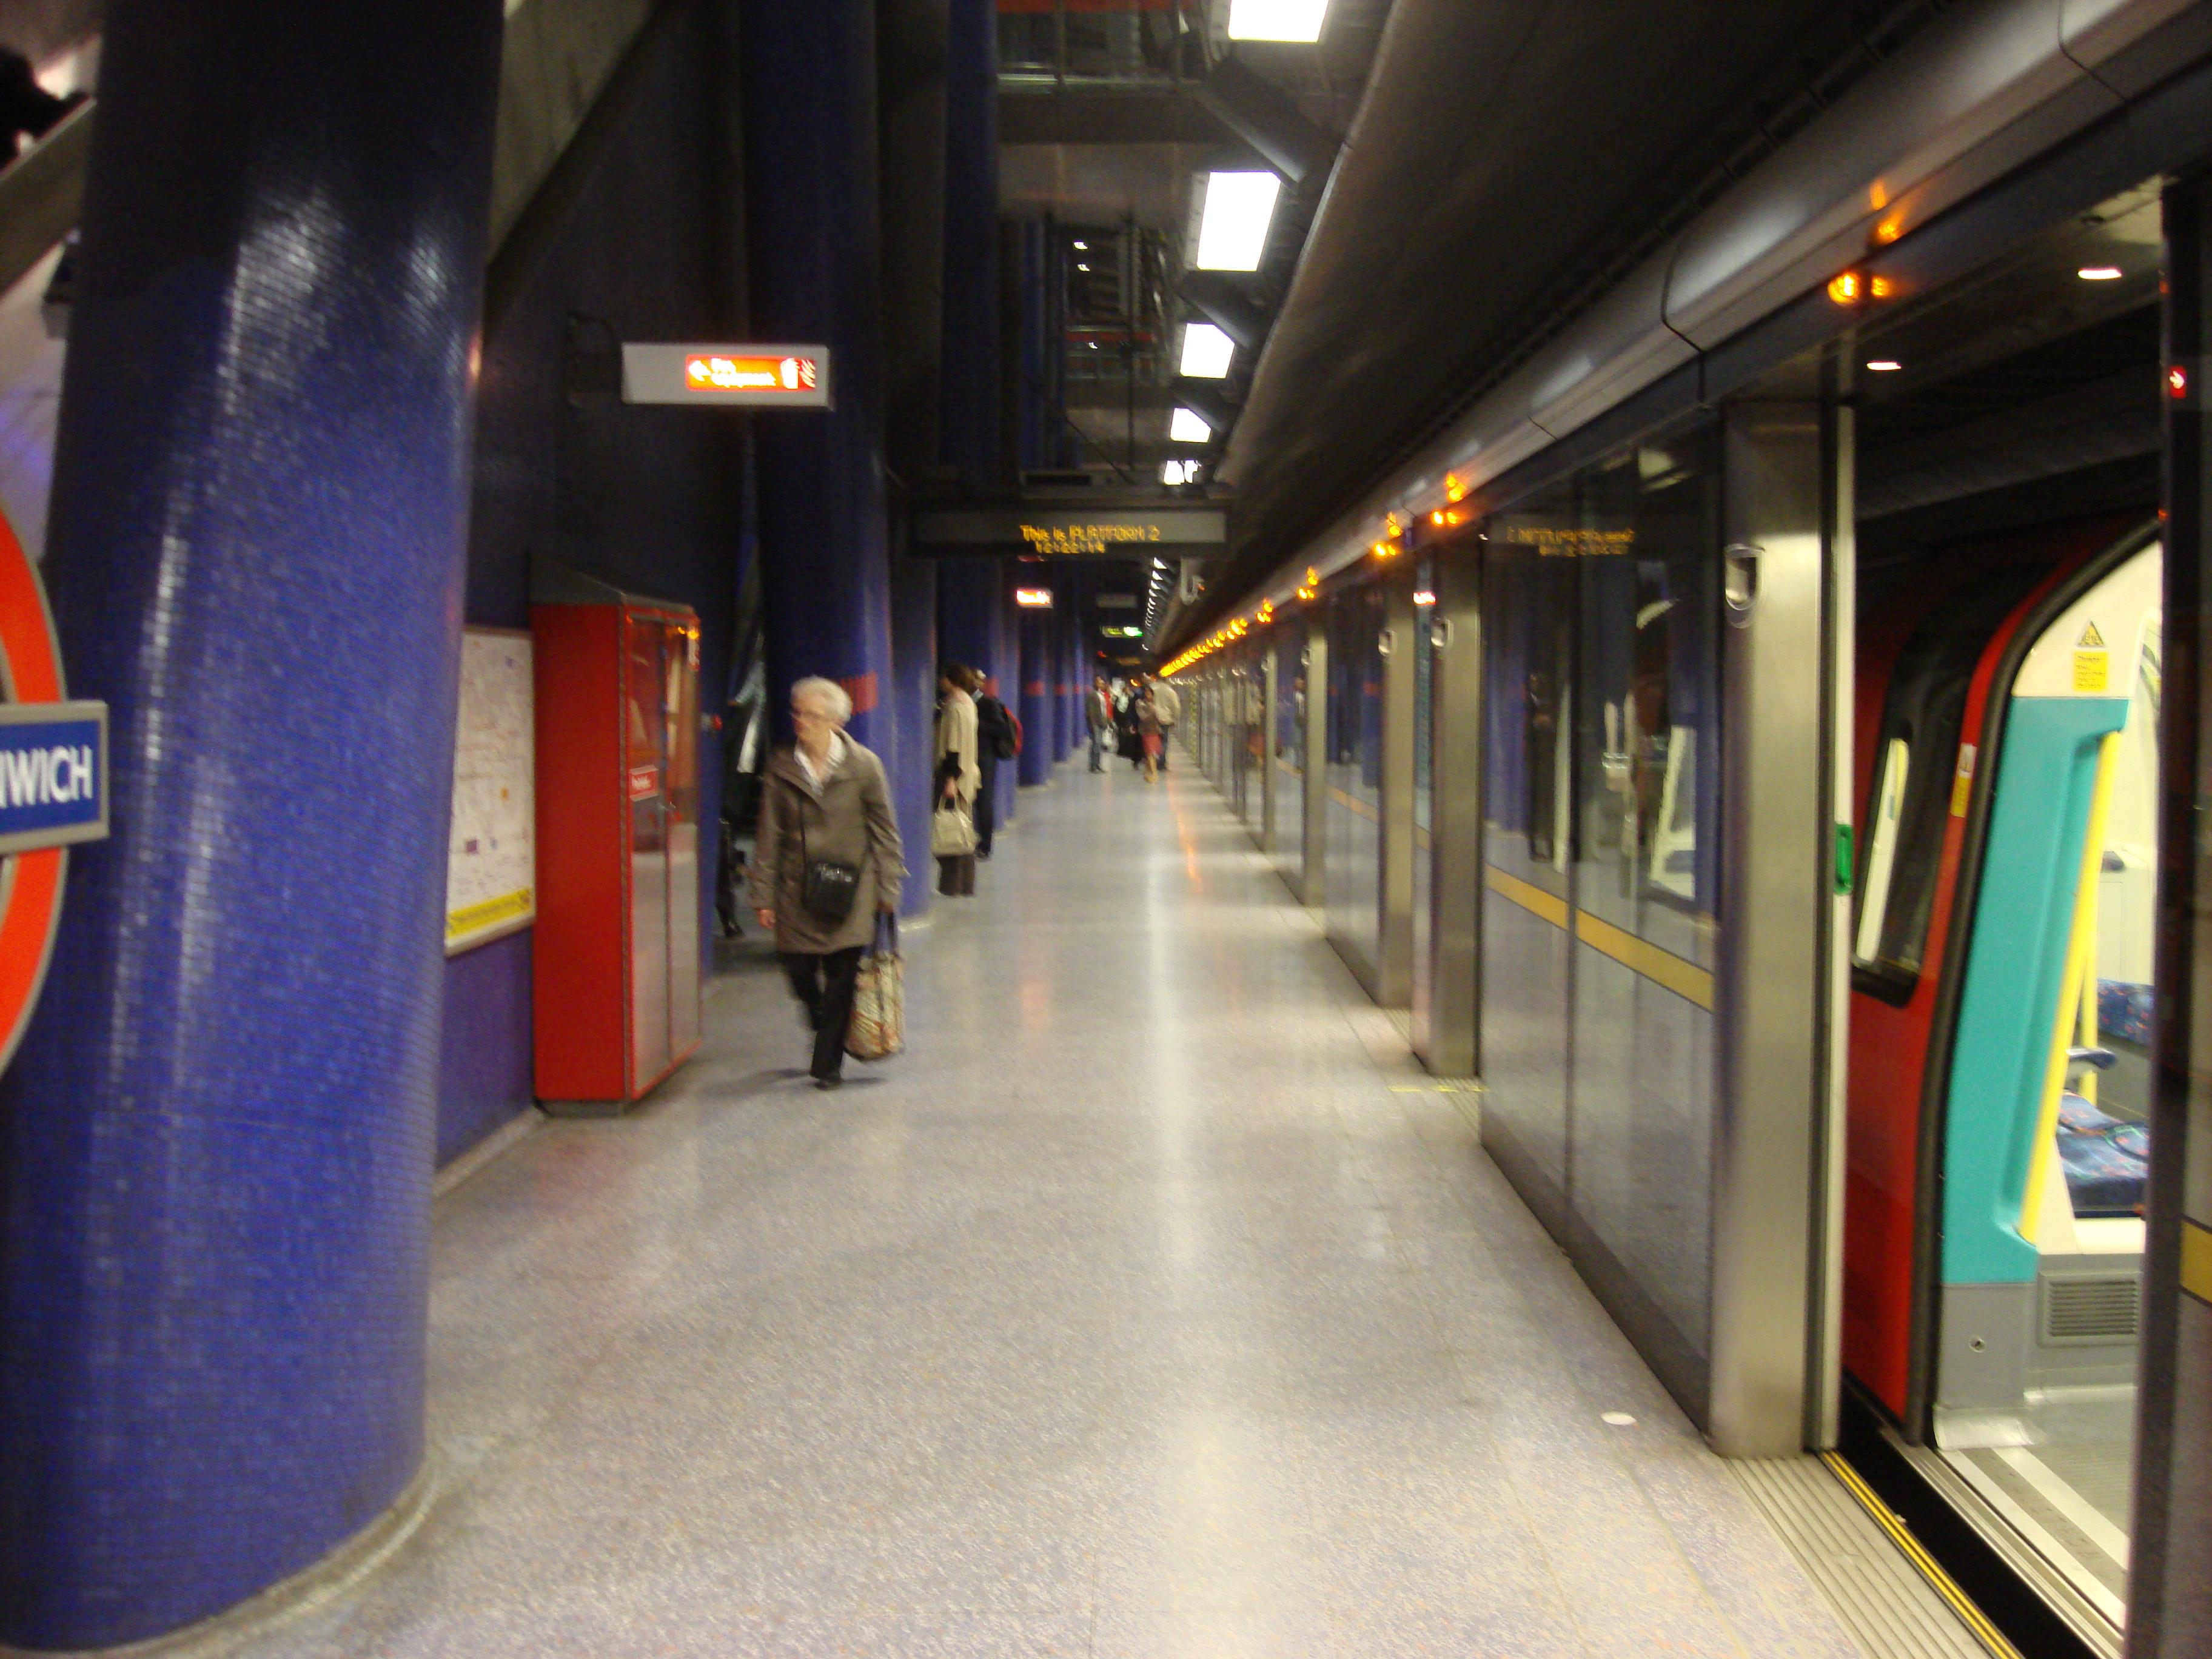 file north greenwich tube station platform. Black Bedroom Furniture Sets. Home Design Ideas